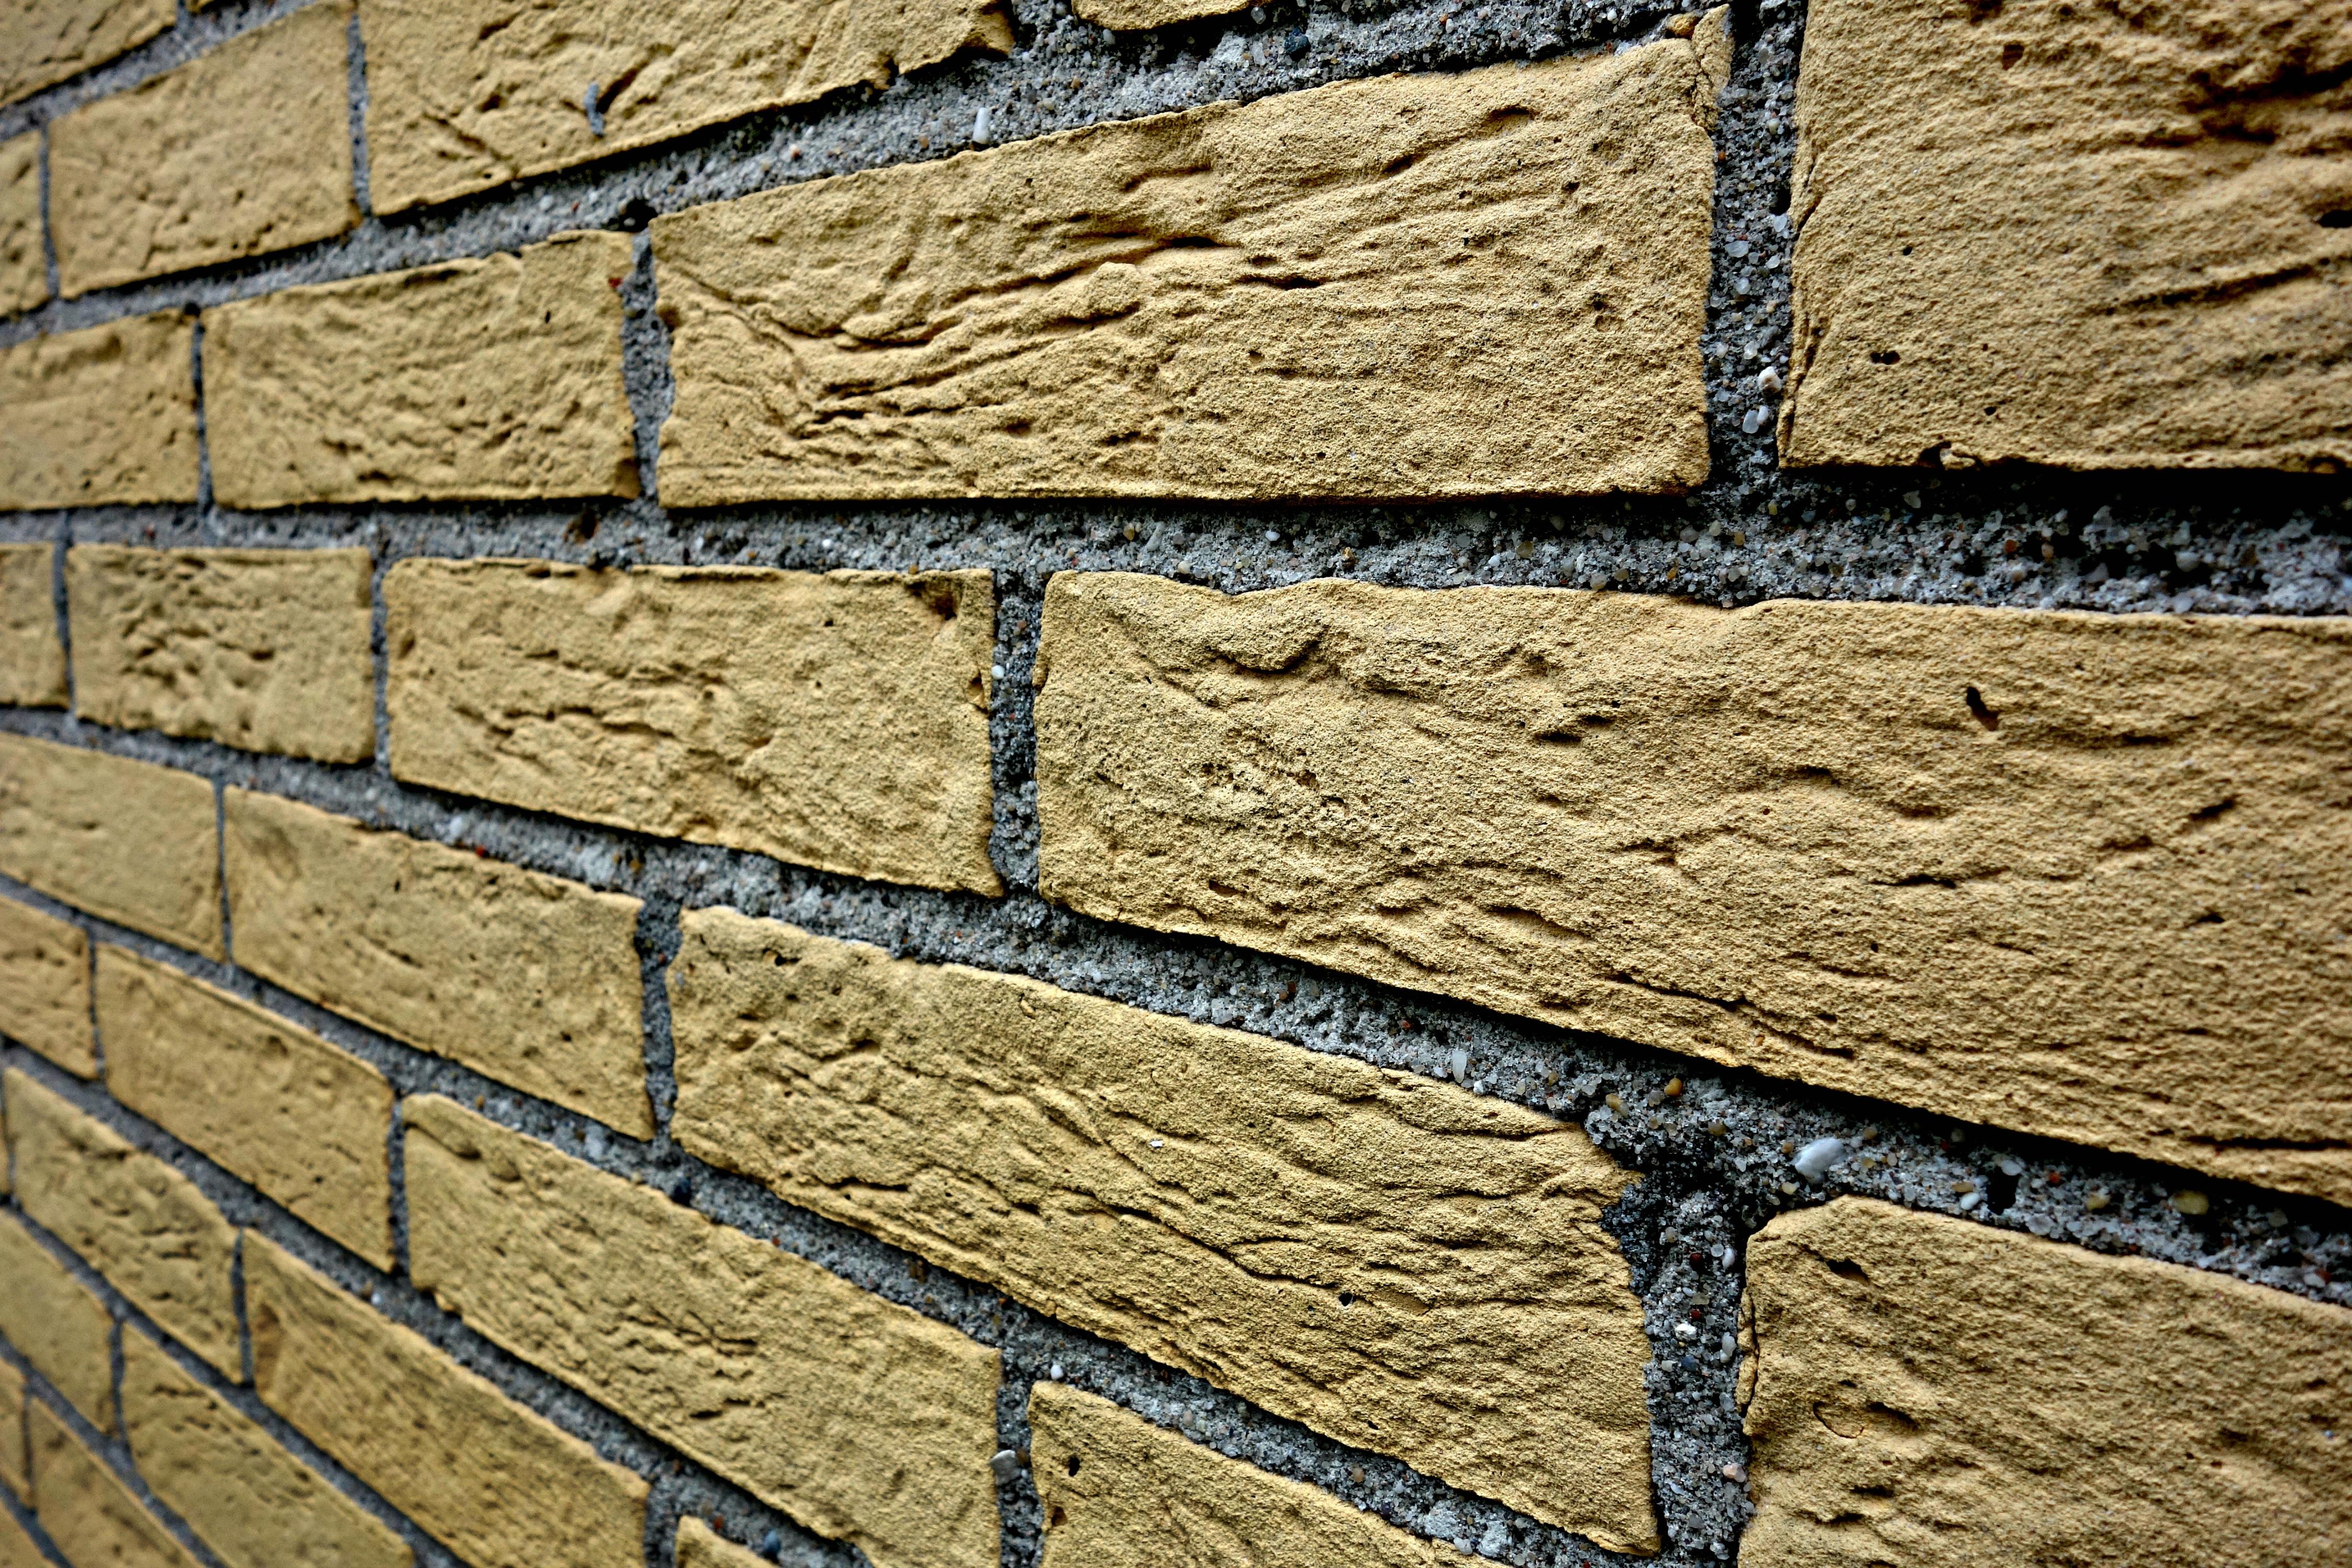 Brick Outdoor Flooring : Free images wood floor perspective building